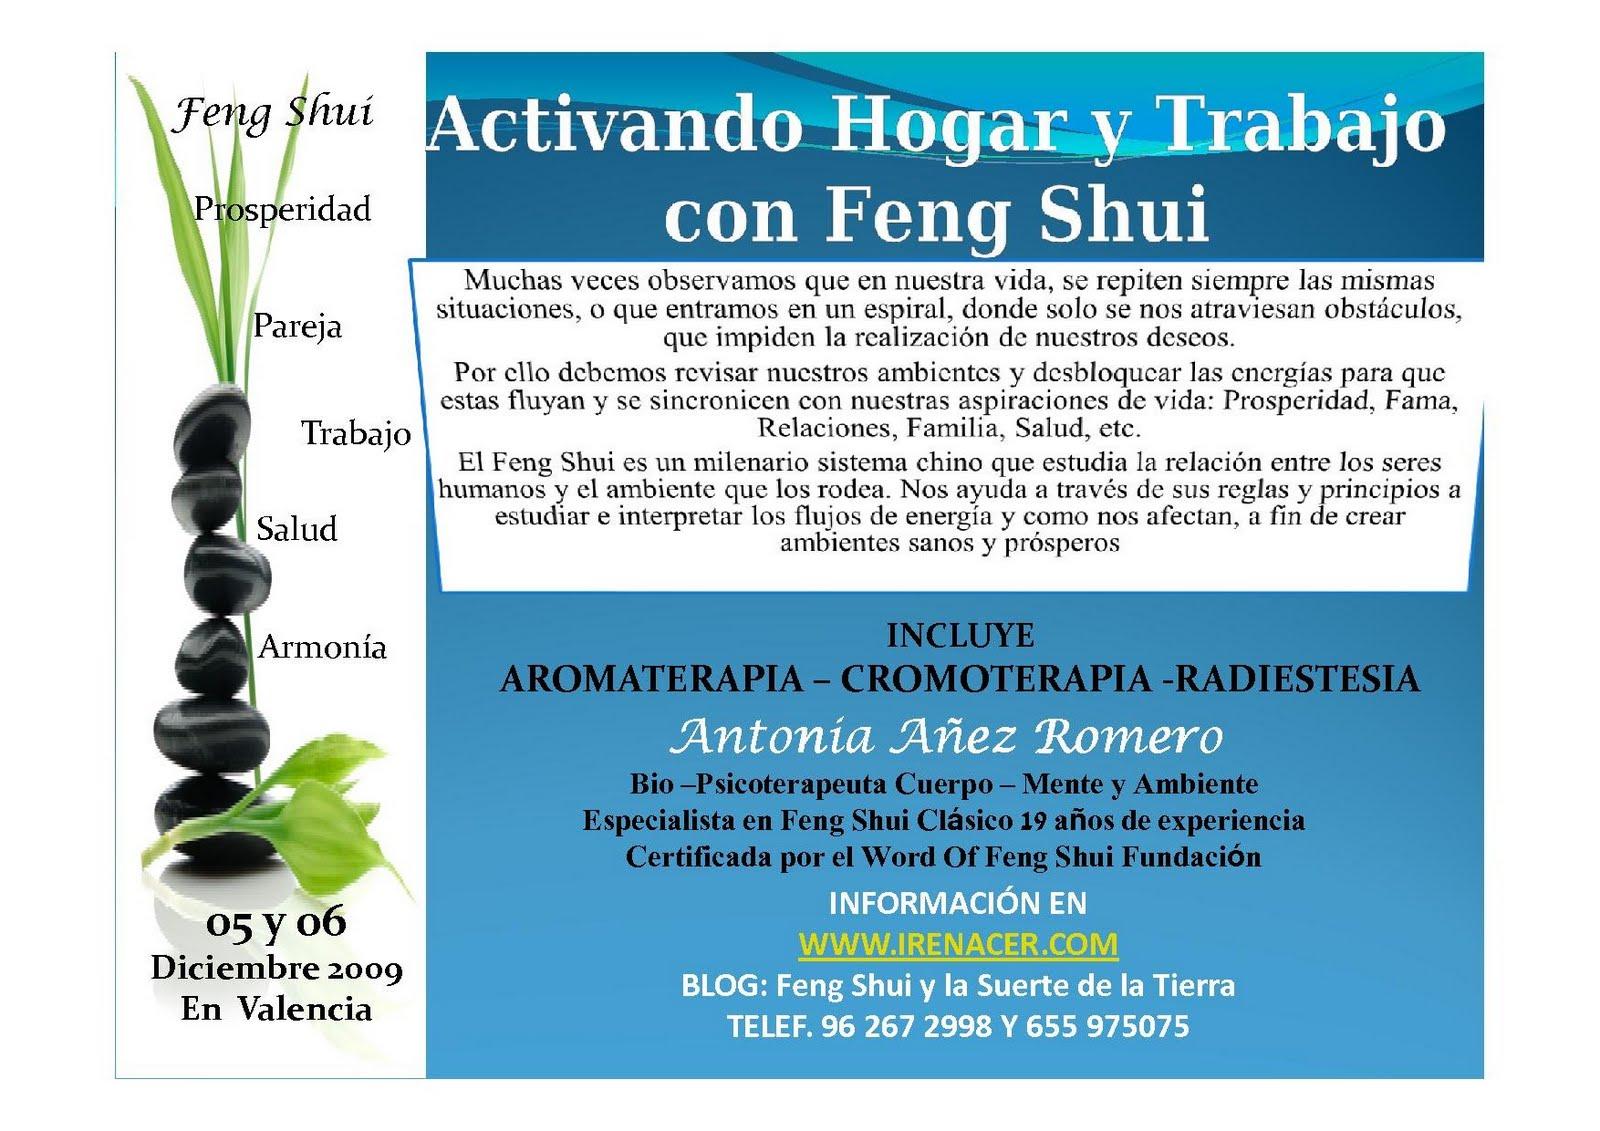 Feng shui y la suerte de la tierra taller activando hogar y trabajo con feng shui Feng shui hogar